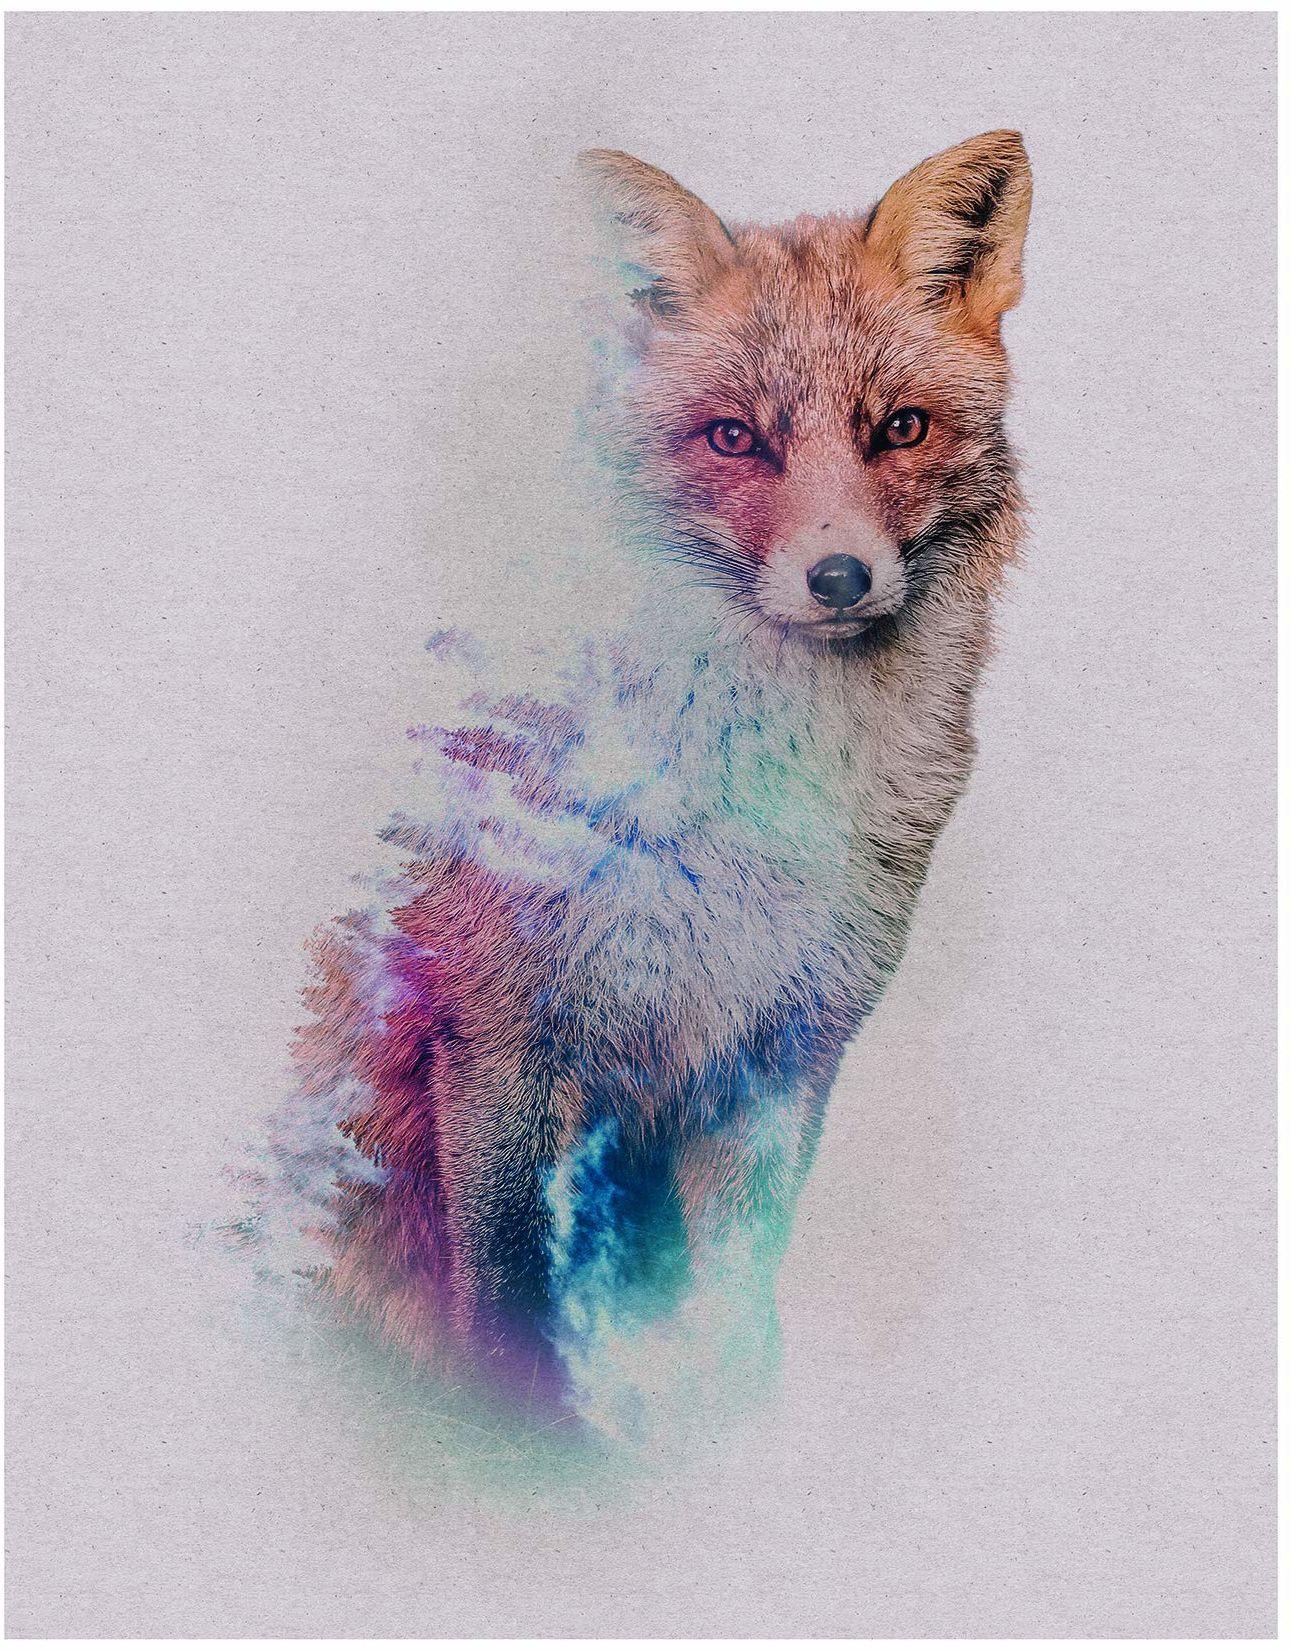 Komar obraz ścienny Animals Forest Fox plakat, obraz, salon, sypialnia, dekoracja, druk artystyczny bez ramy P084B-40x50 rozmiar: 40 x 50 cm (szerokość x wysokość)